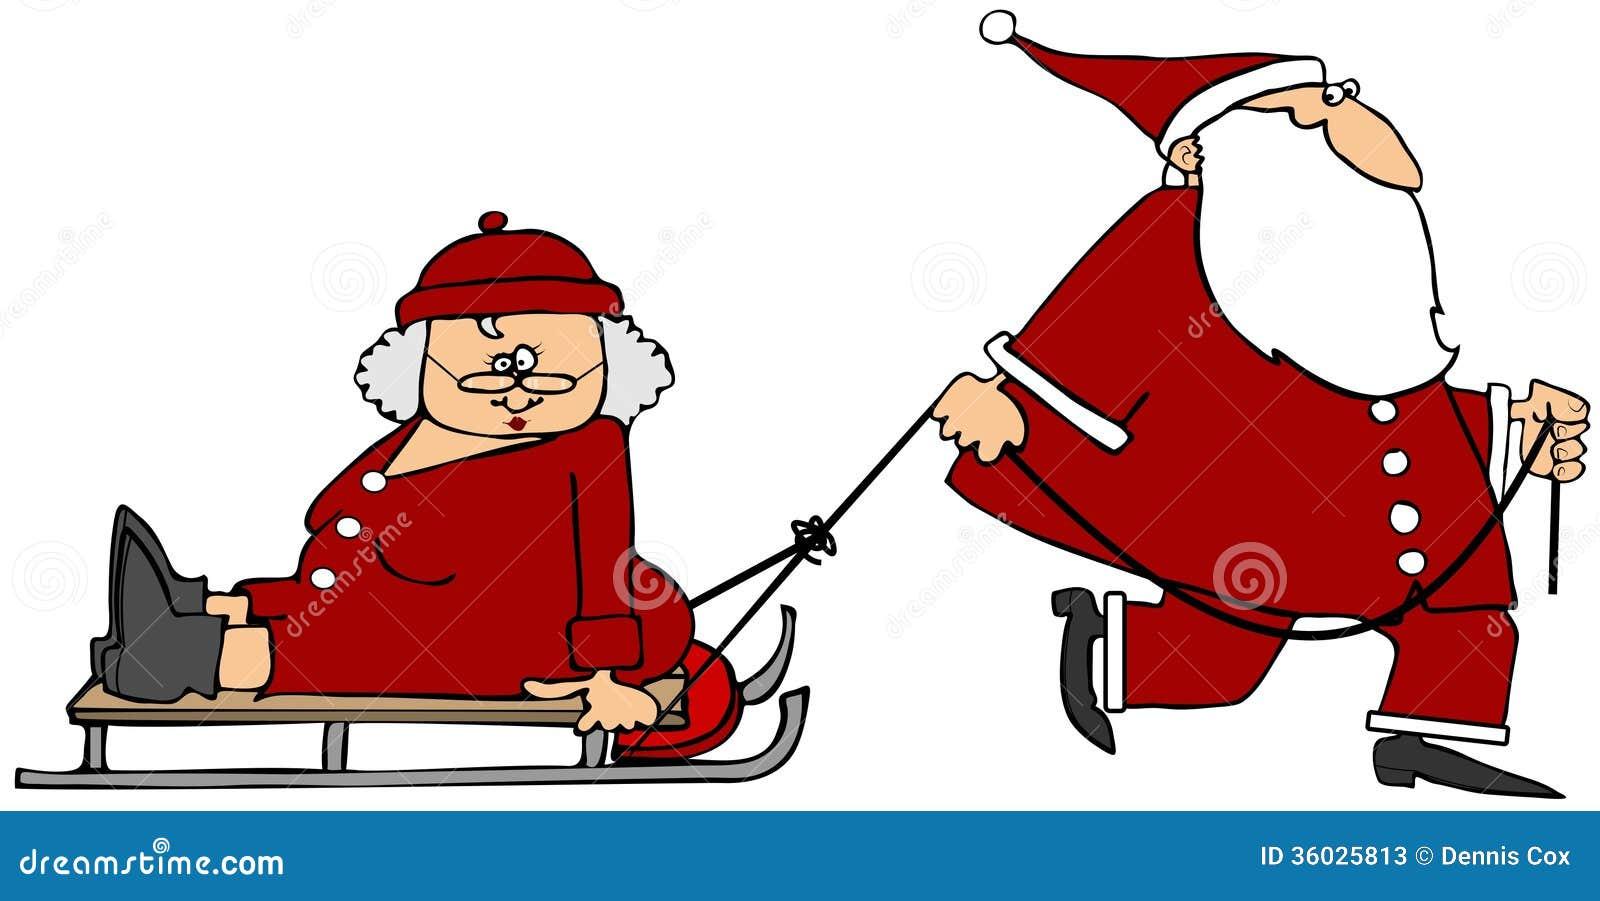 Kerstman die Mevr. Claus op een slee trekken